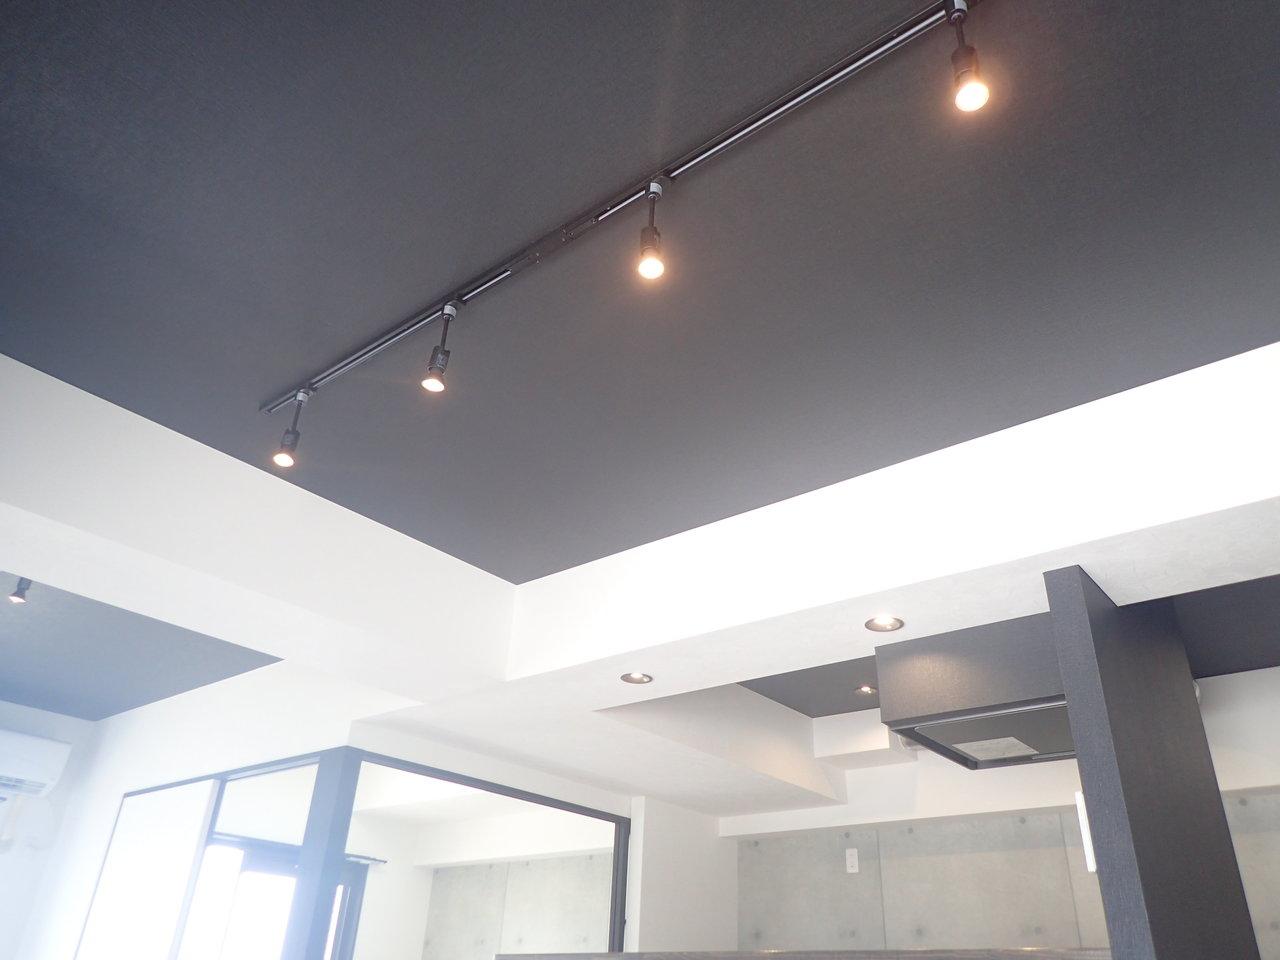 天井はシックな黒に塗られています。このライティングレールが映えていいんです。かっこよさとおしゃれさを兼ね備えたお部屋です。